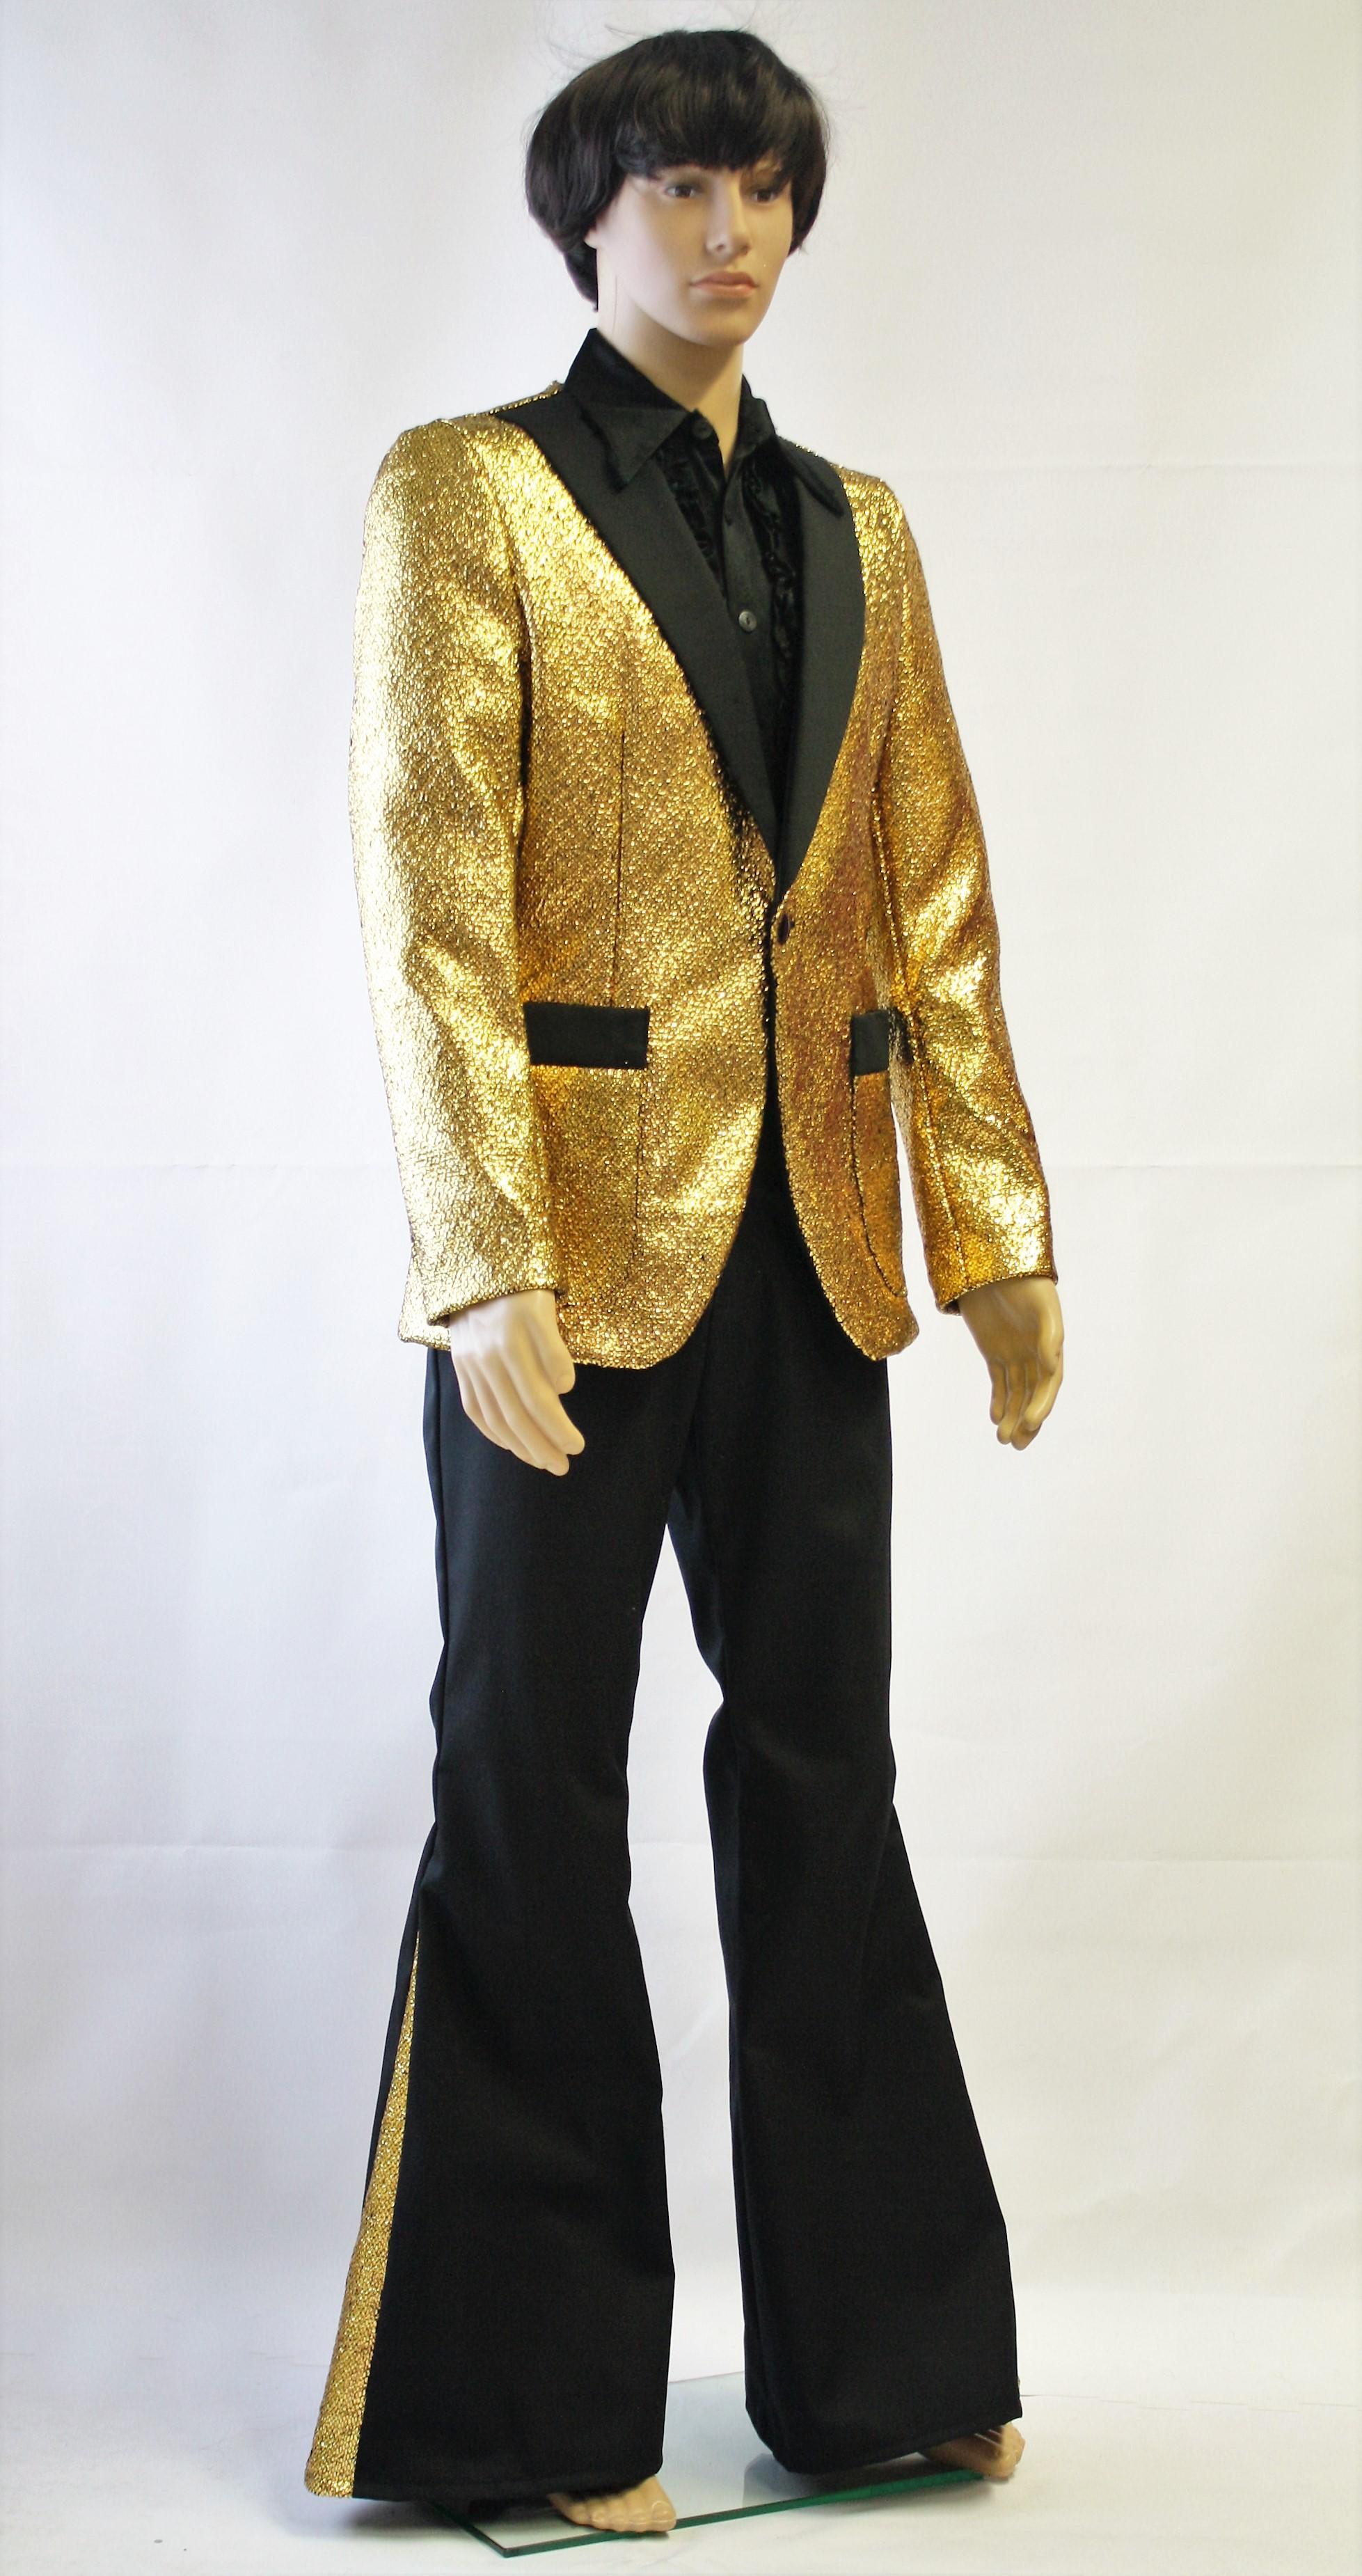 disco kleren huren